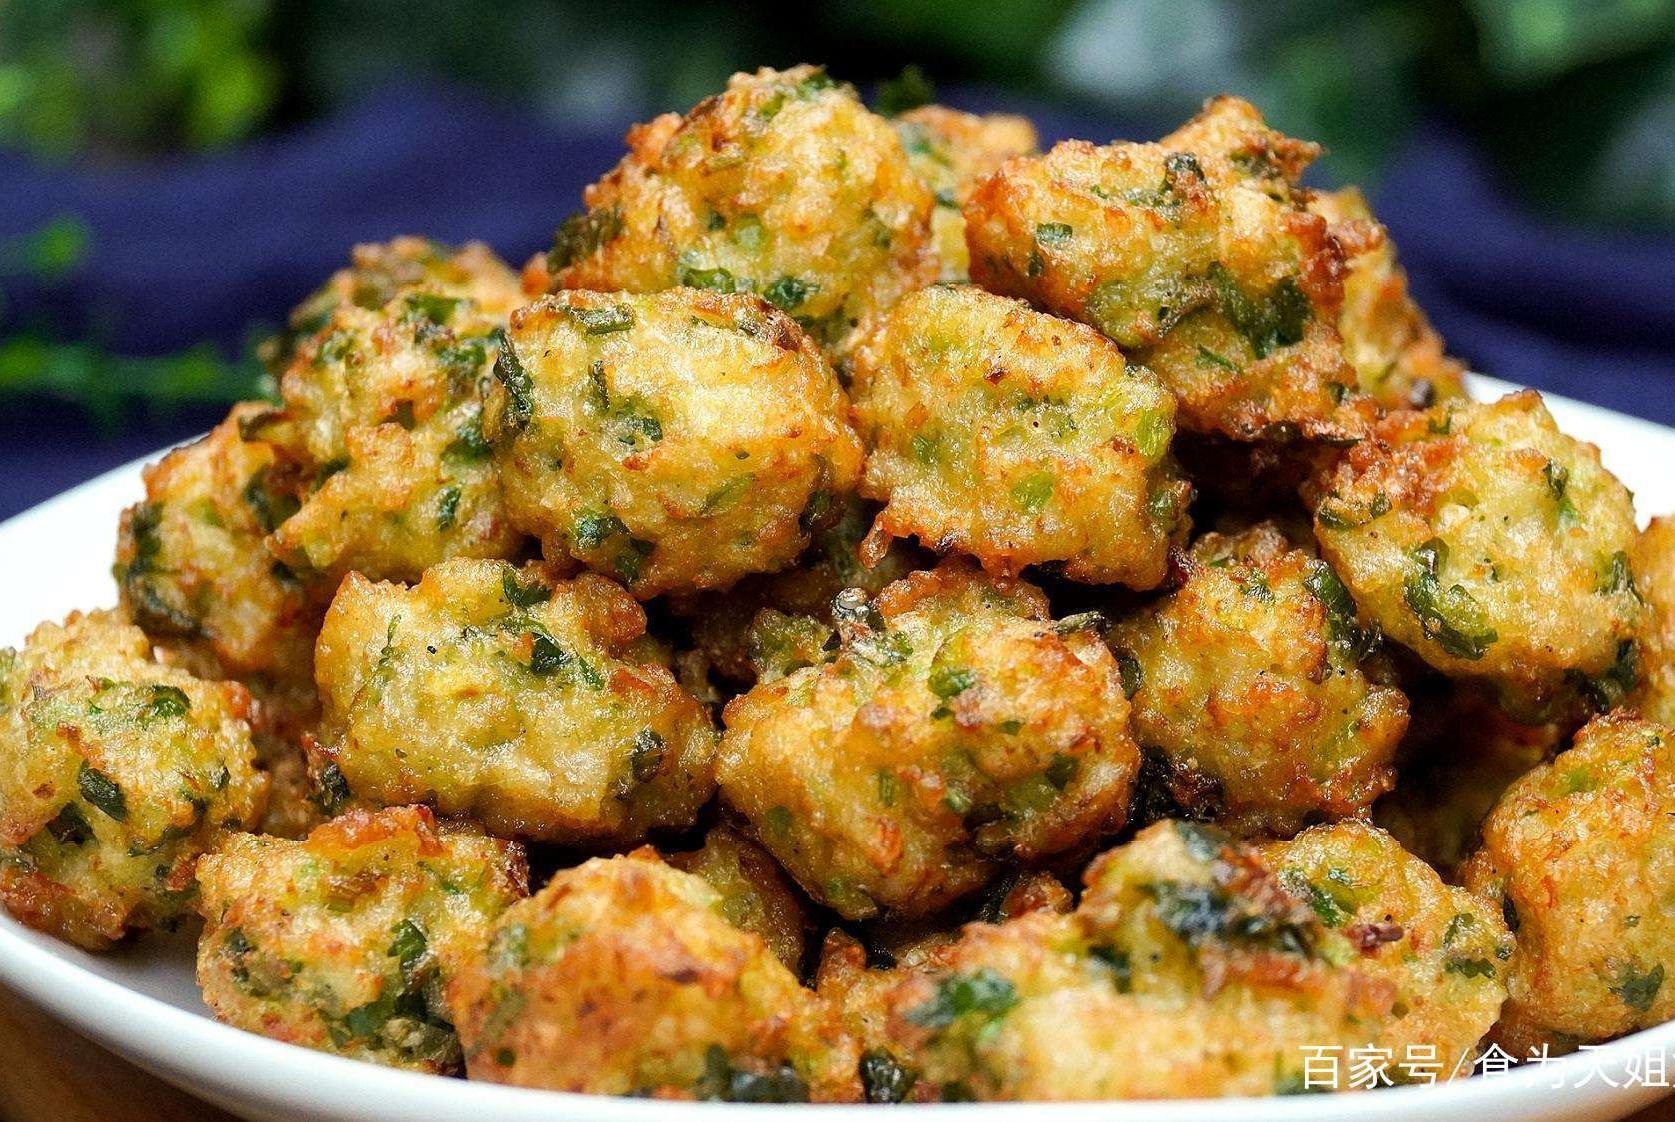 秋末,吃韭菜豆角不如吃它,润肺止咳还补充微量元素,实惠又开胃